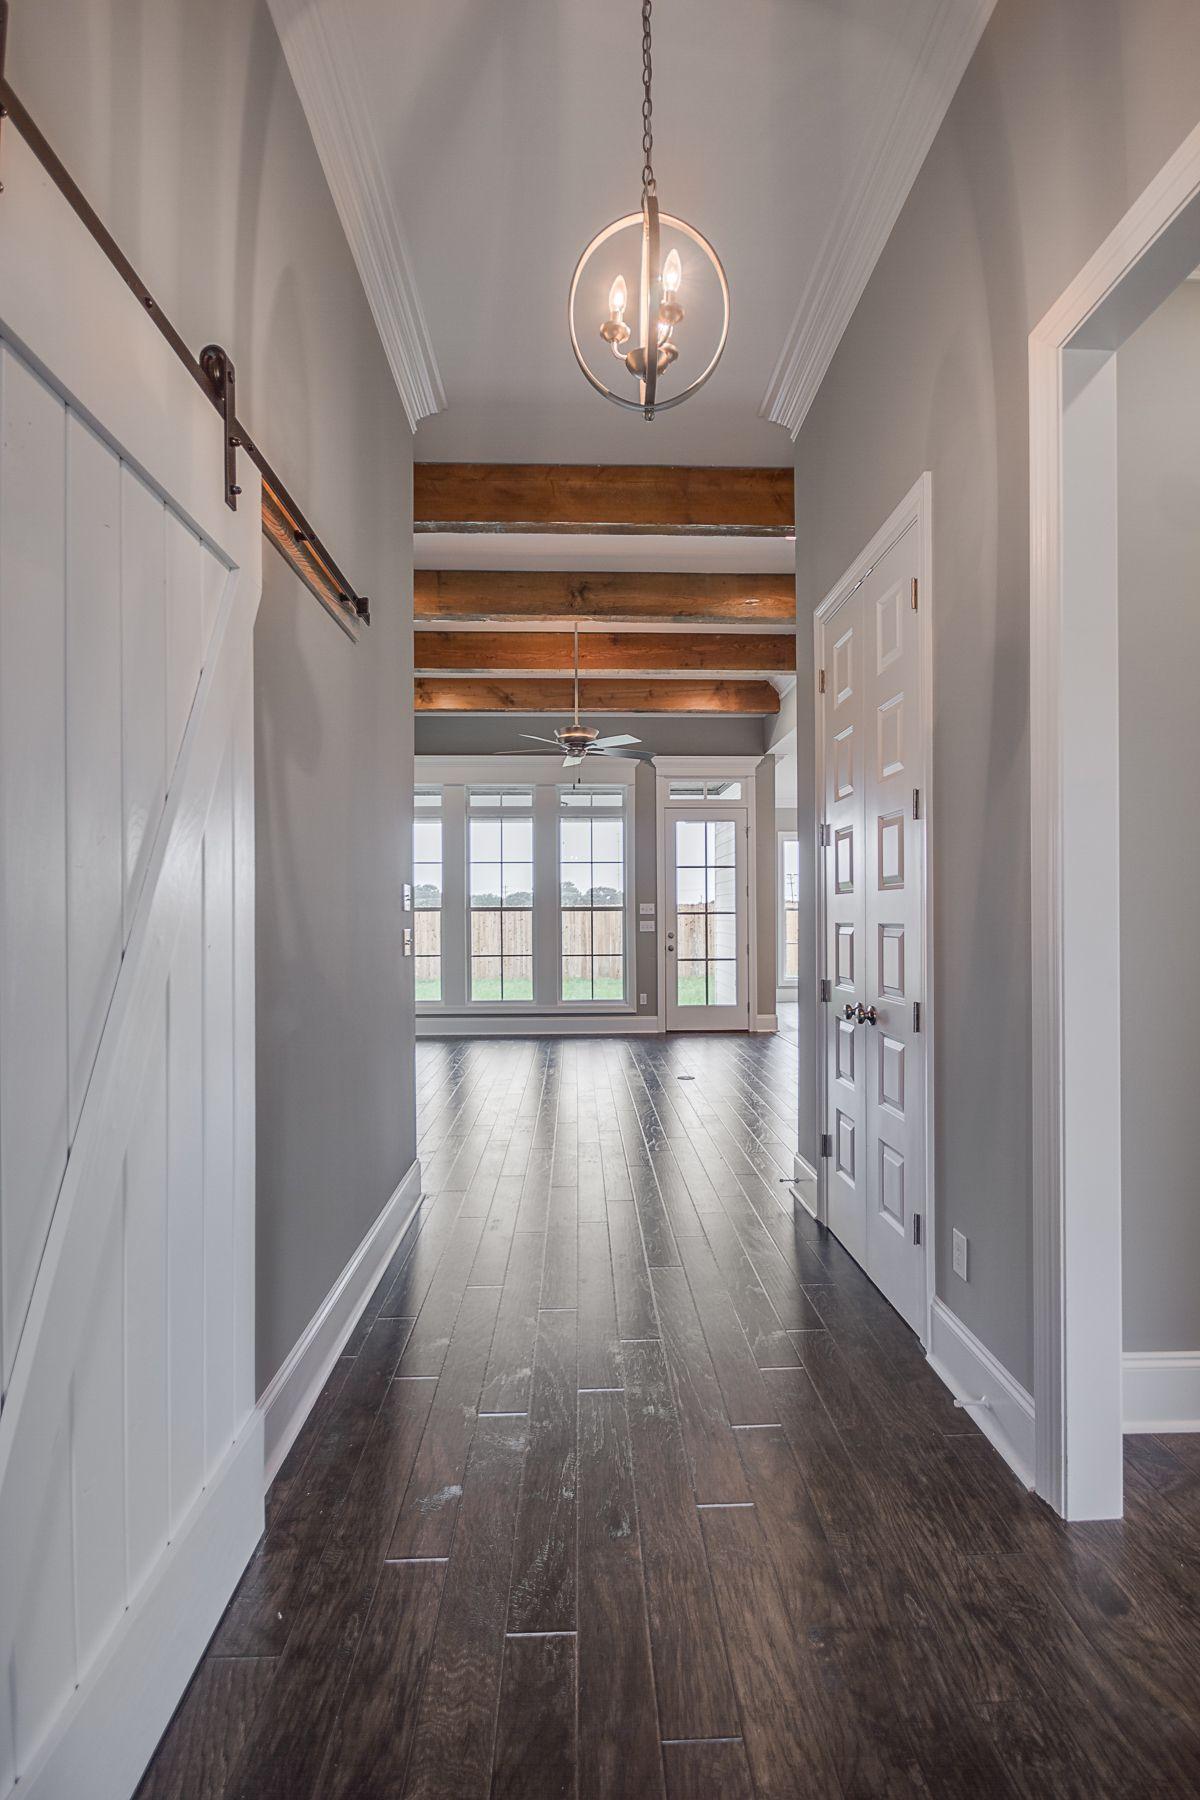 Wooden Beams - Development – Beau Savanne Plan: Orleans Elevation: Heritage II Living Square Feet: 1803 … | Doors Interior, Wood Doors Interior, Interior Barn Doors